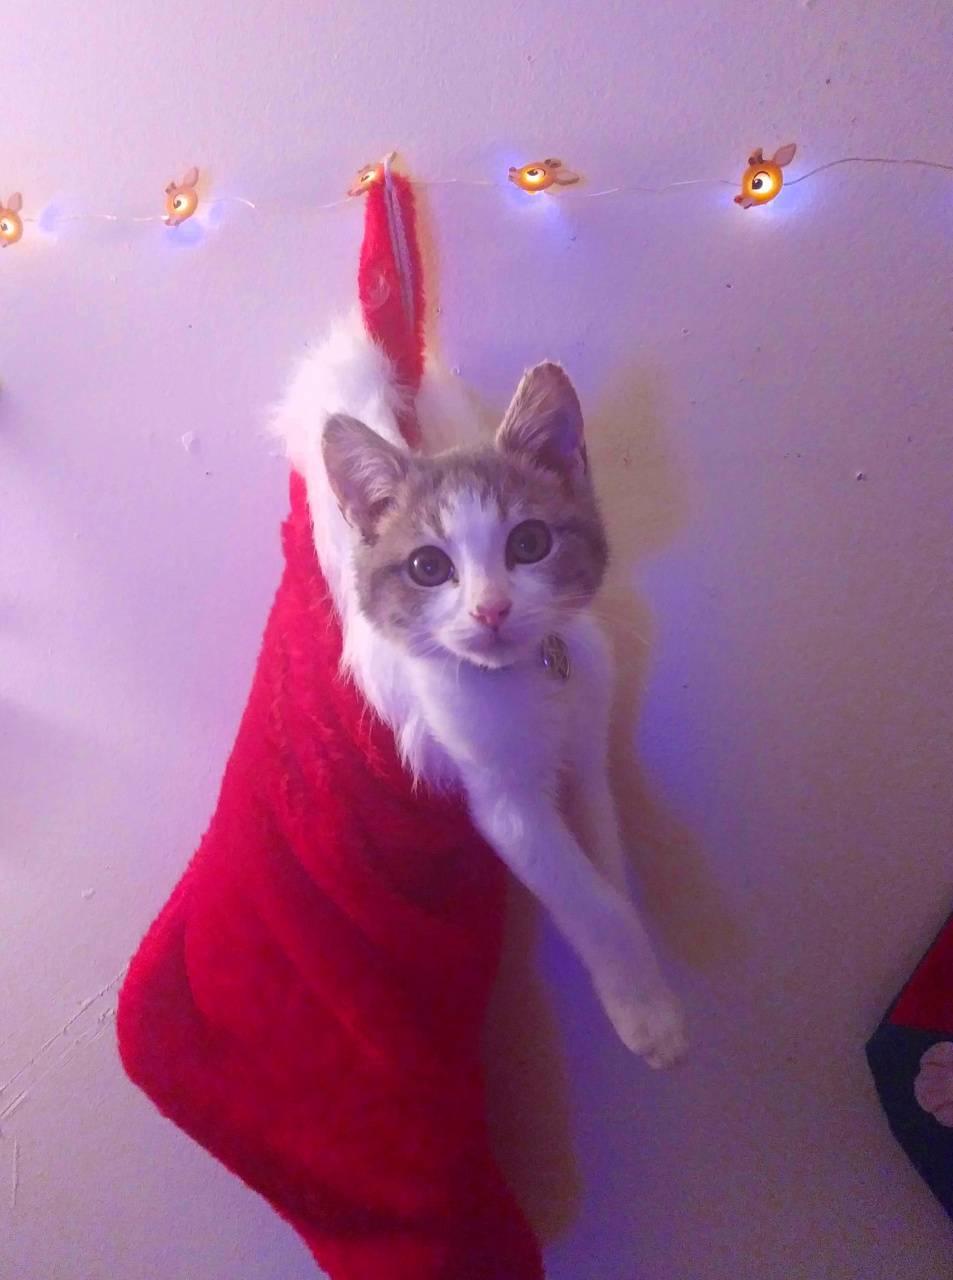 Stocking cat